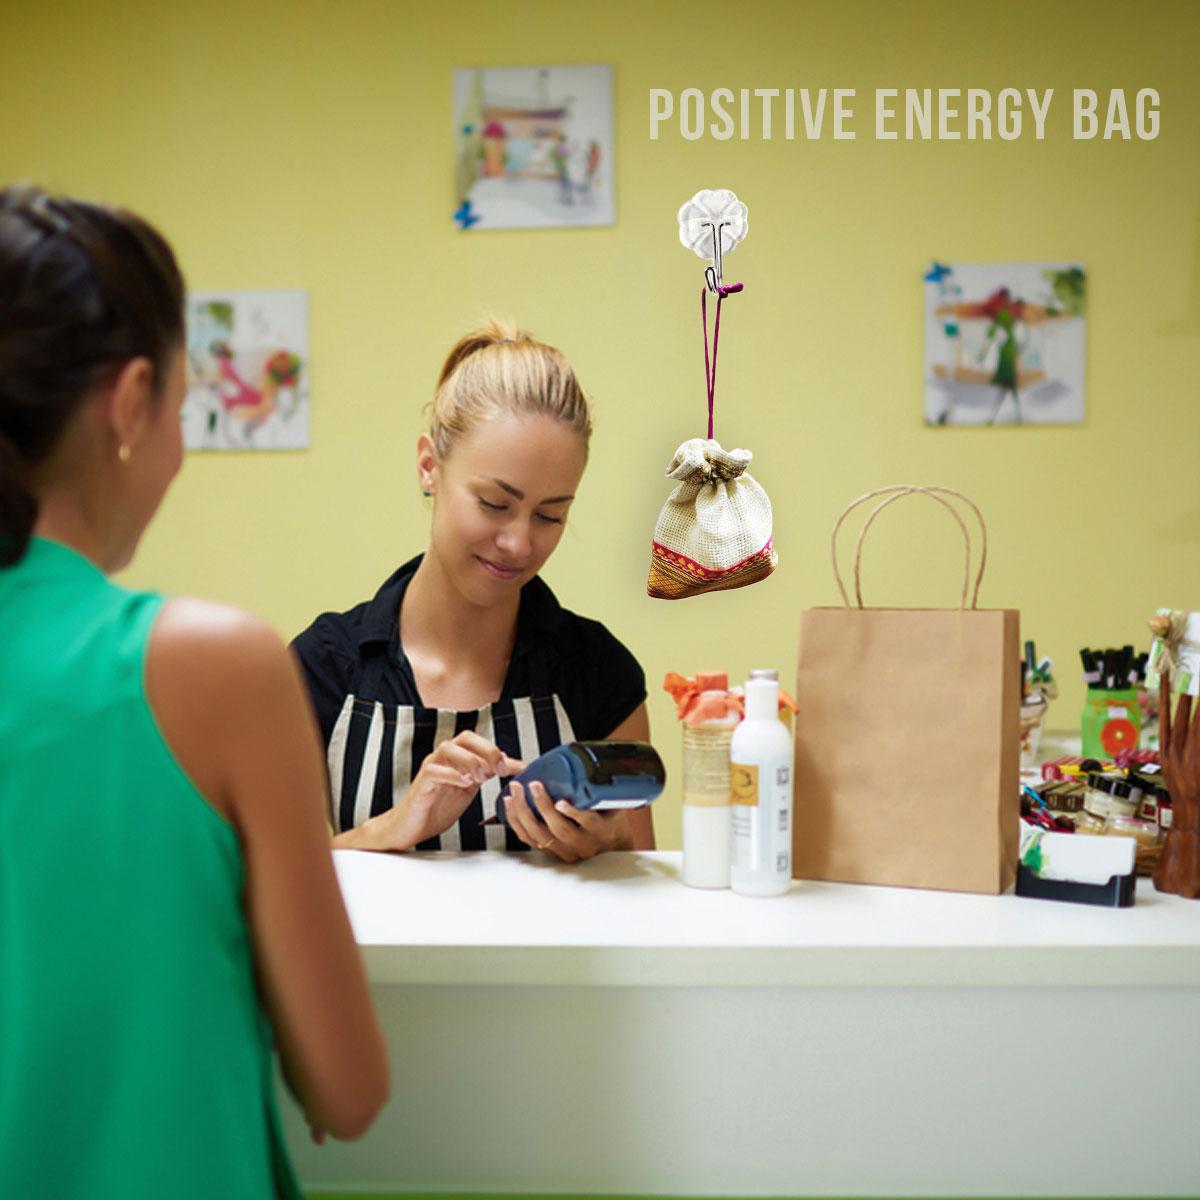 SHOWROOM POSITIVE ENERGY BAG